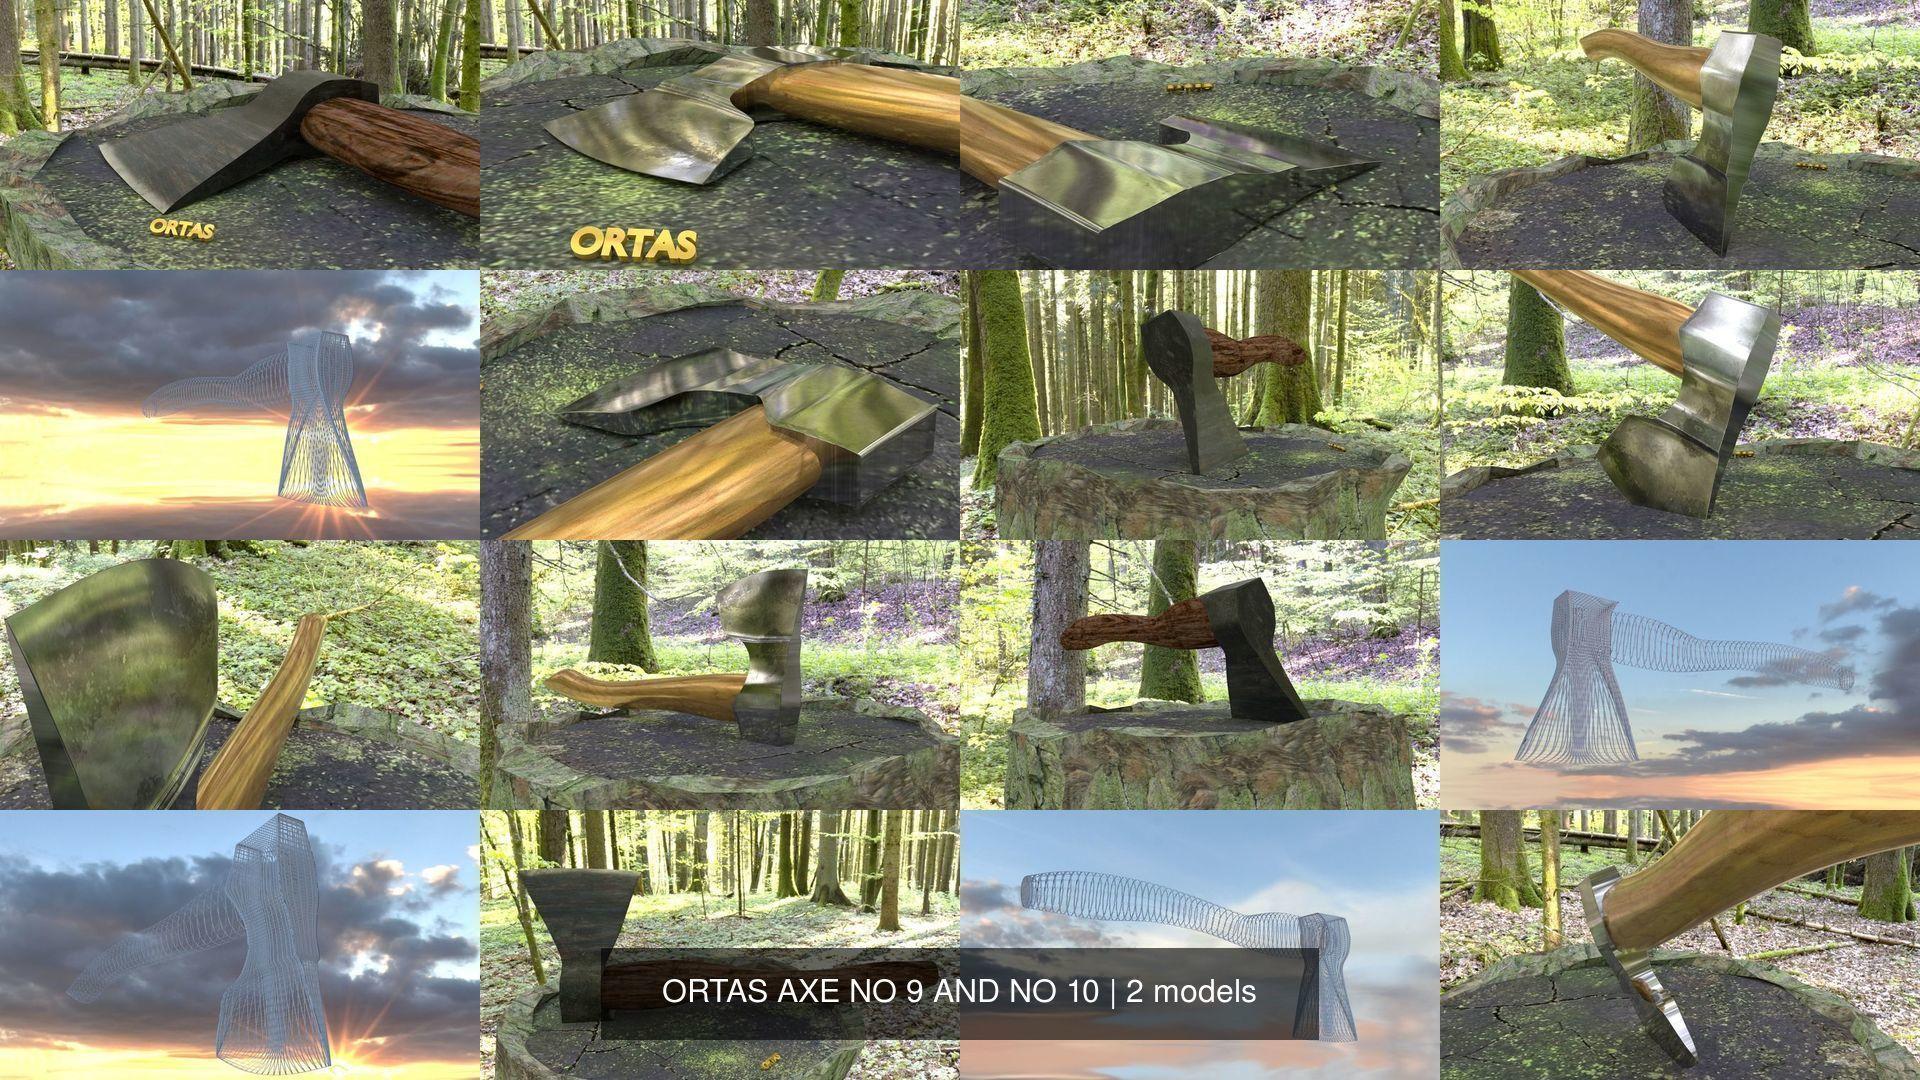 ORTAS AXE NO 9 AND NO 10